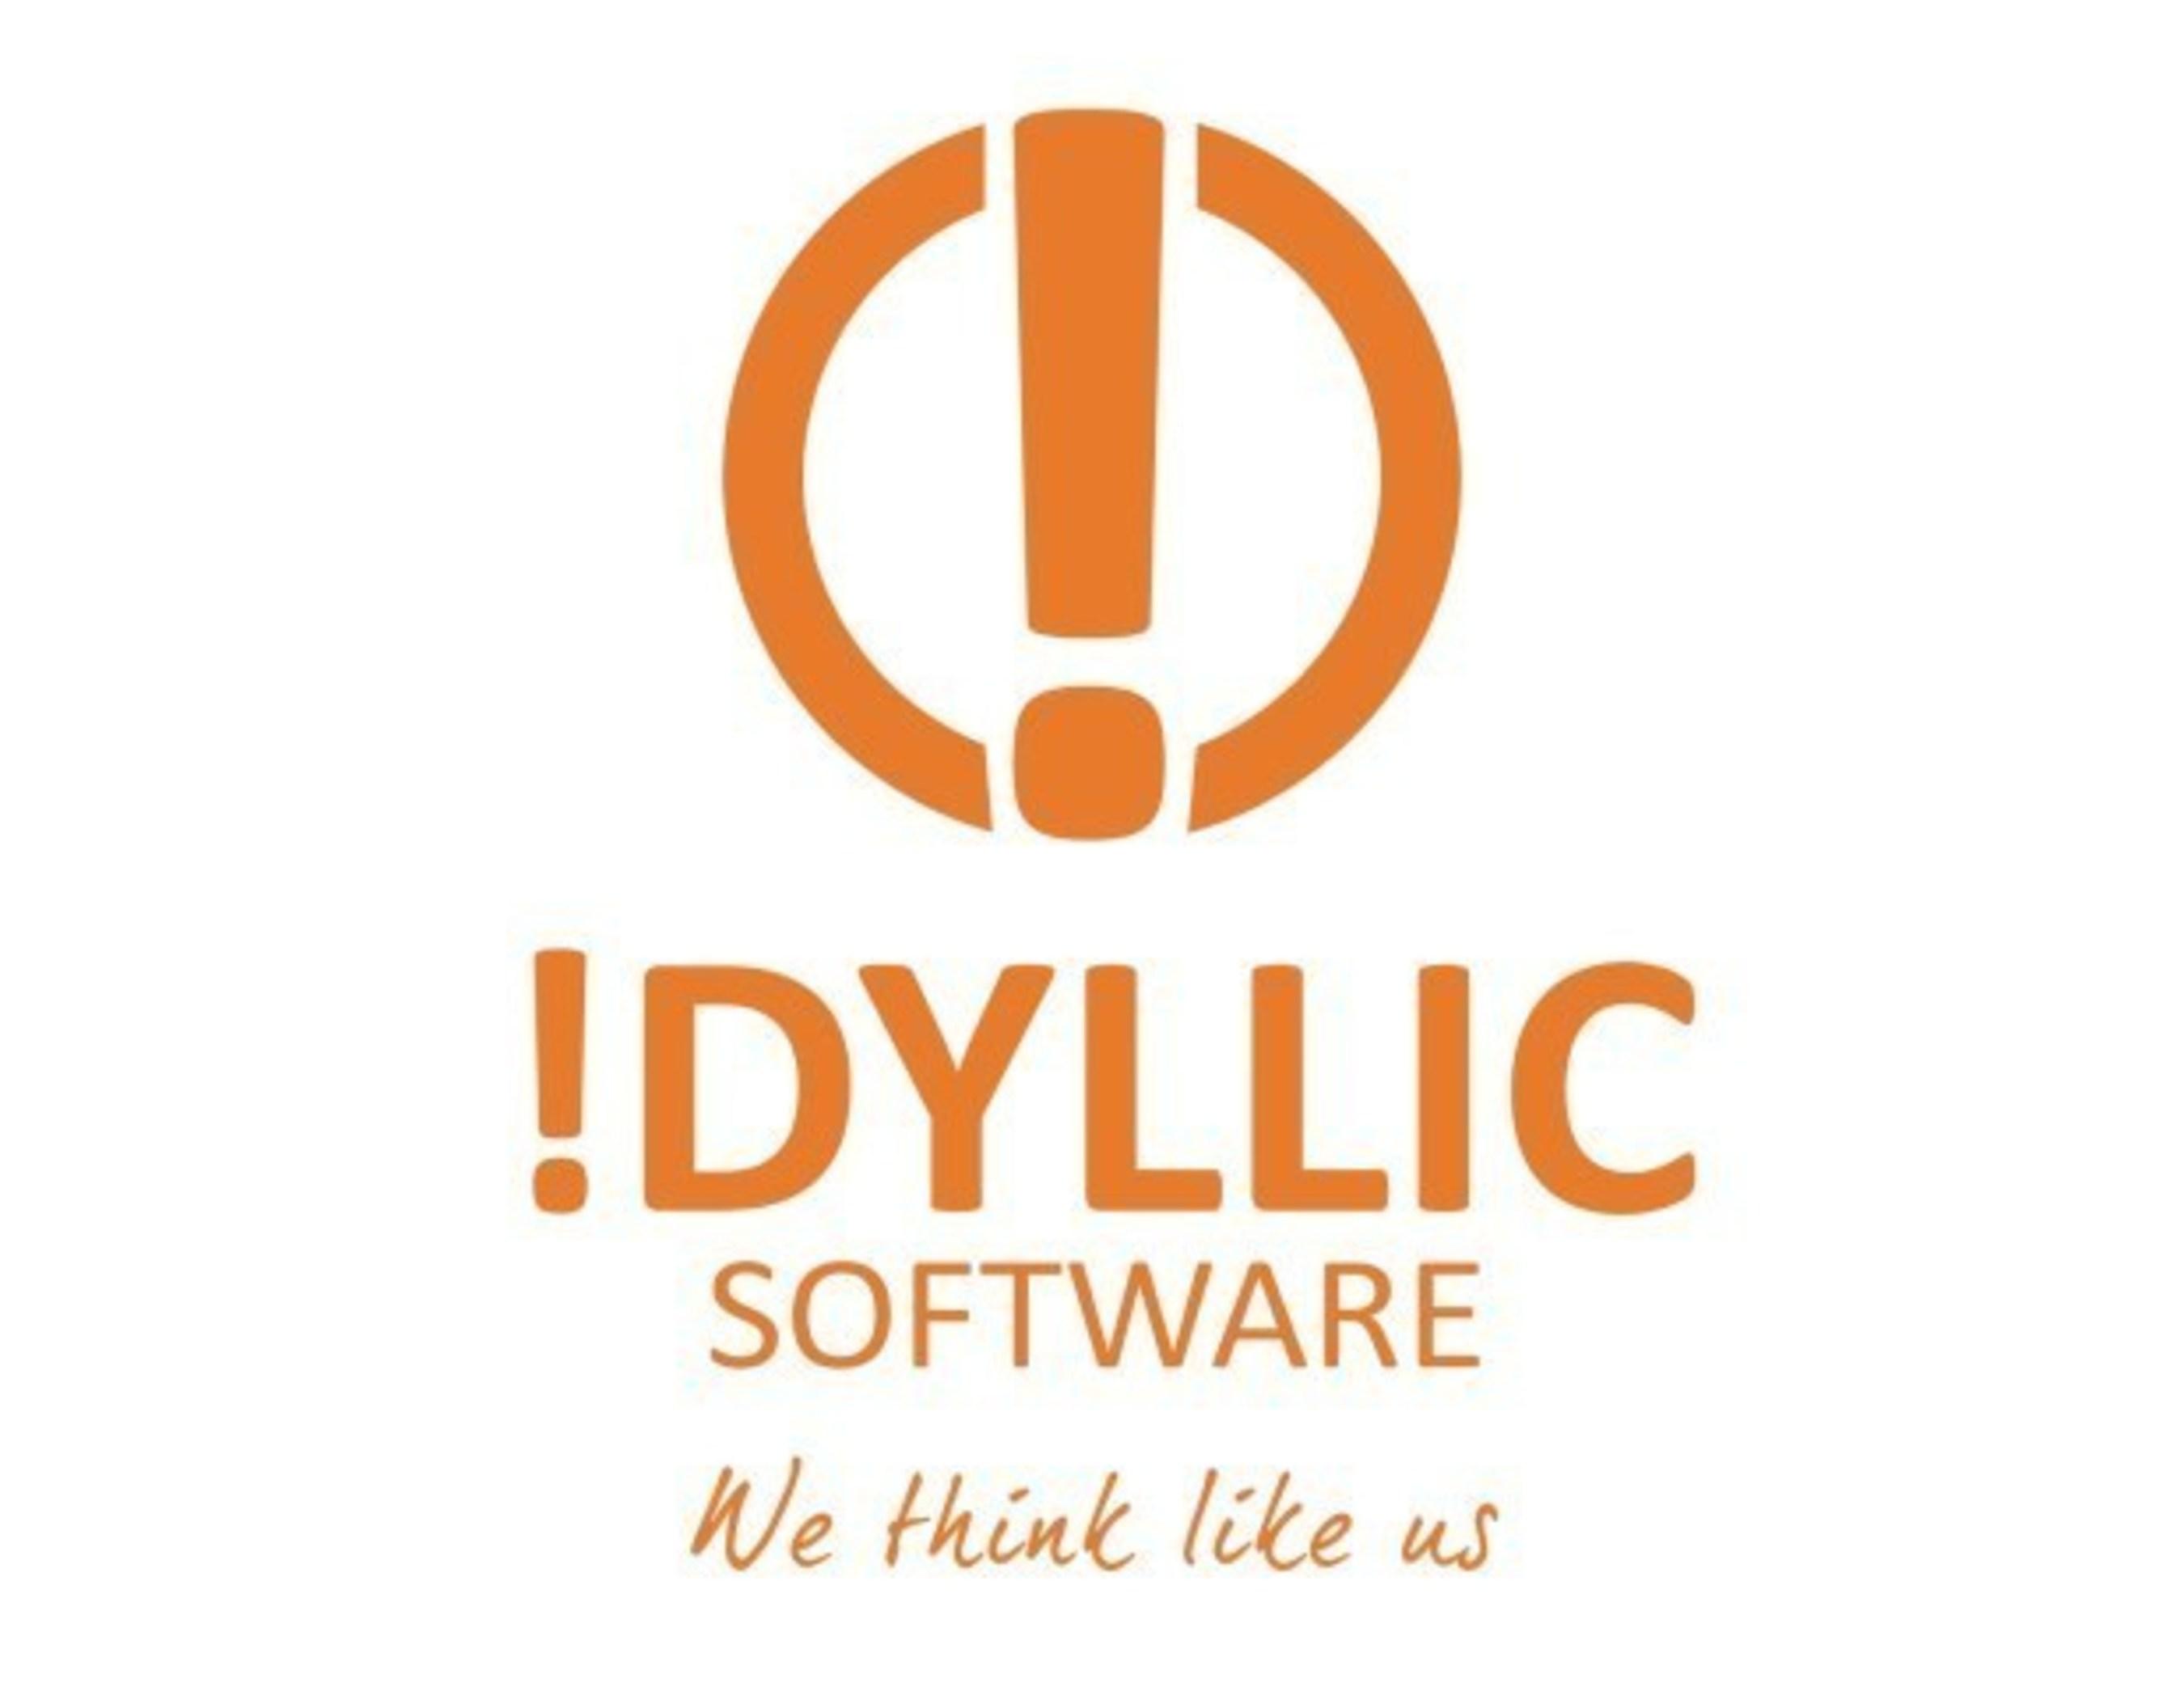 Idyllic Software Logo - We think like us